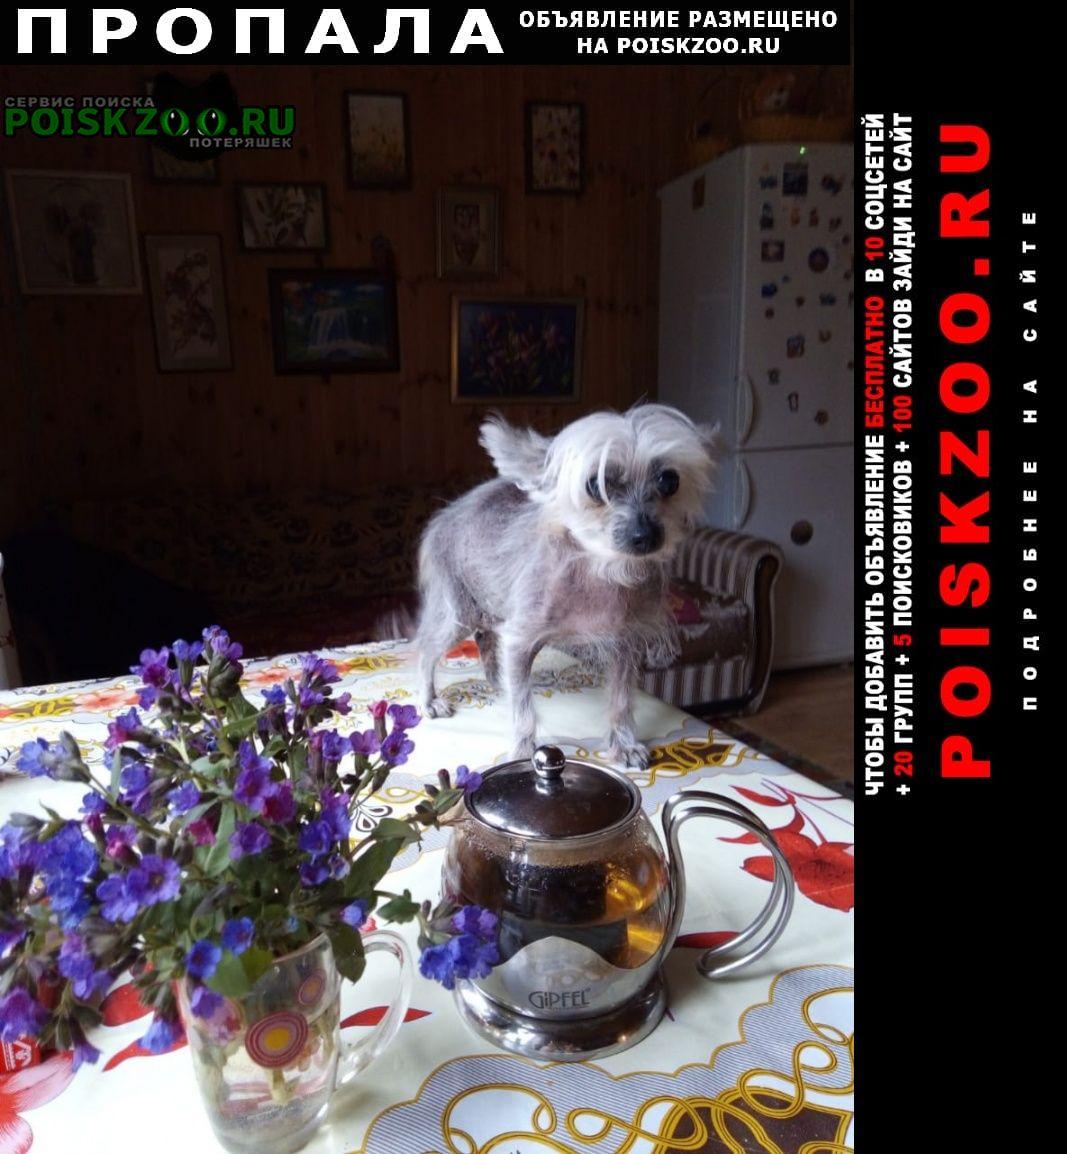 Пропала собака туся Солнечногорск